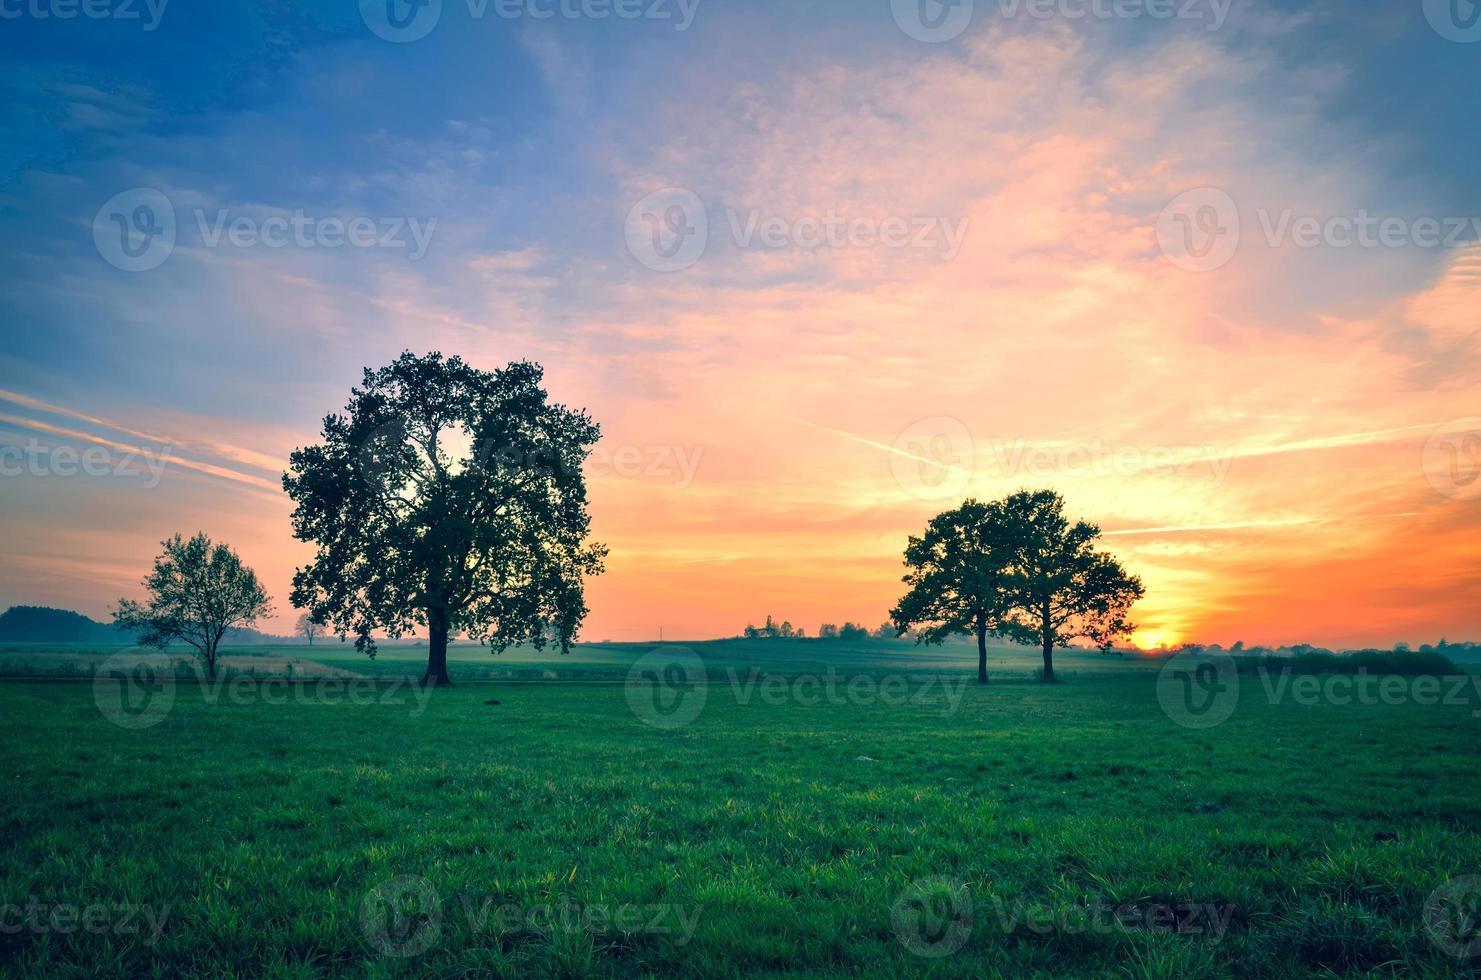 herfst landschap. foto